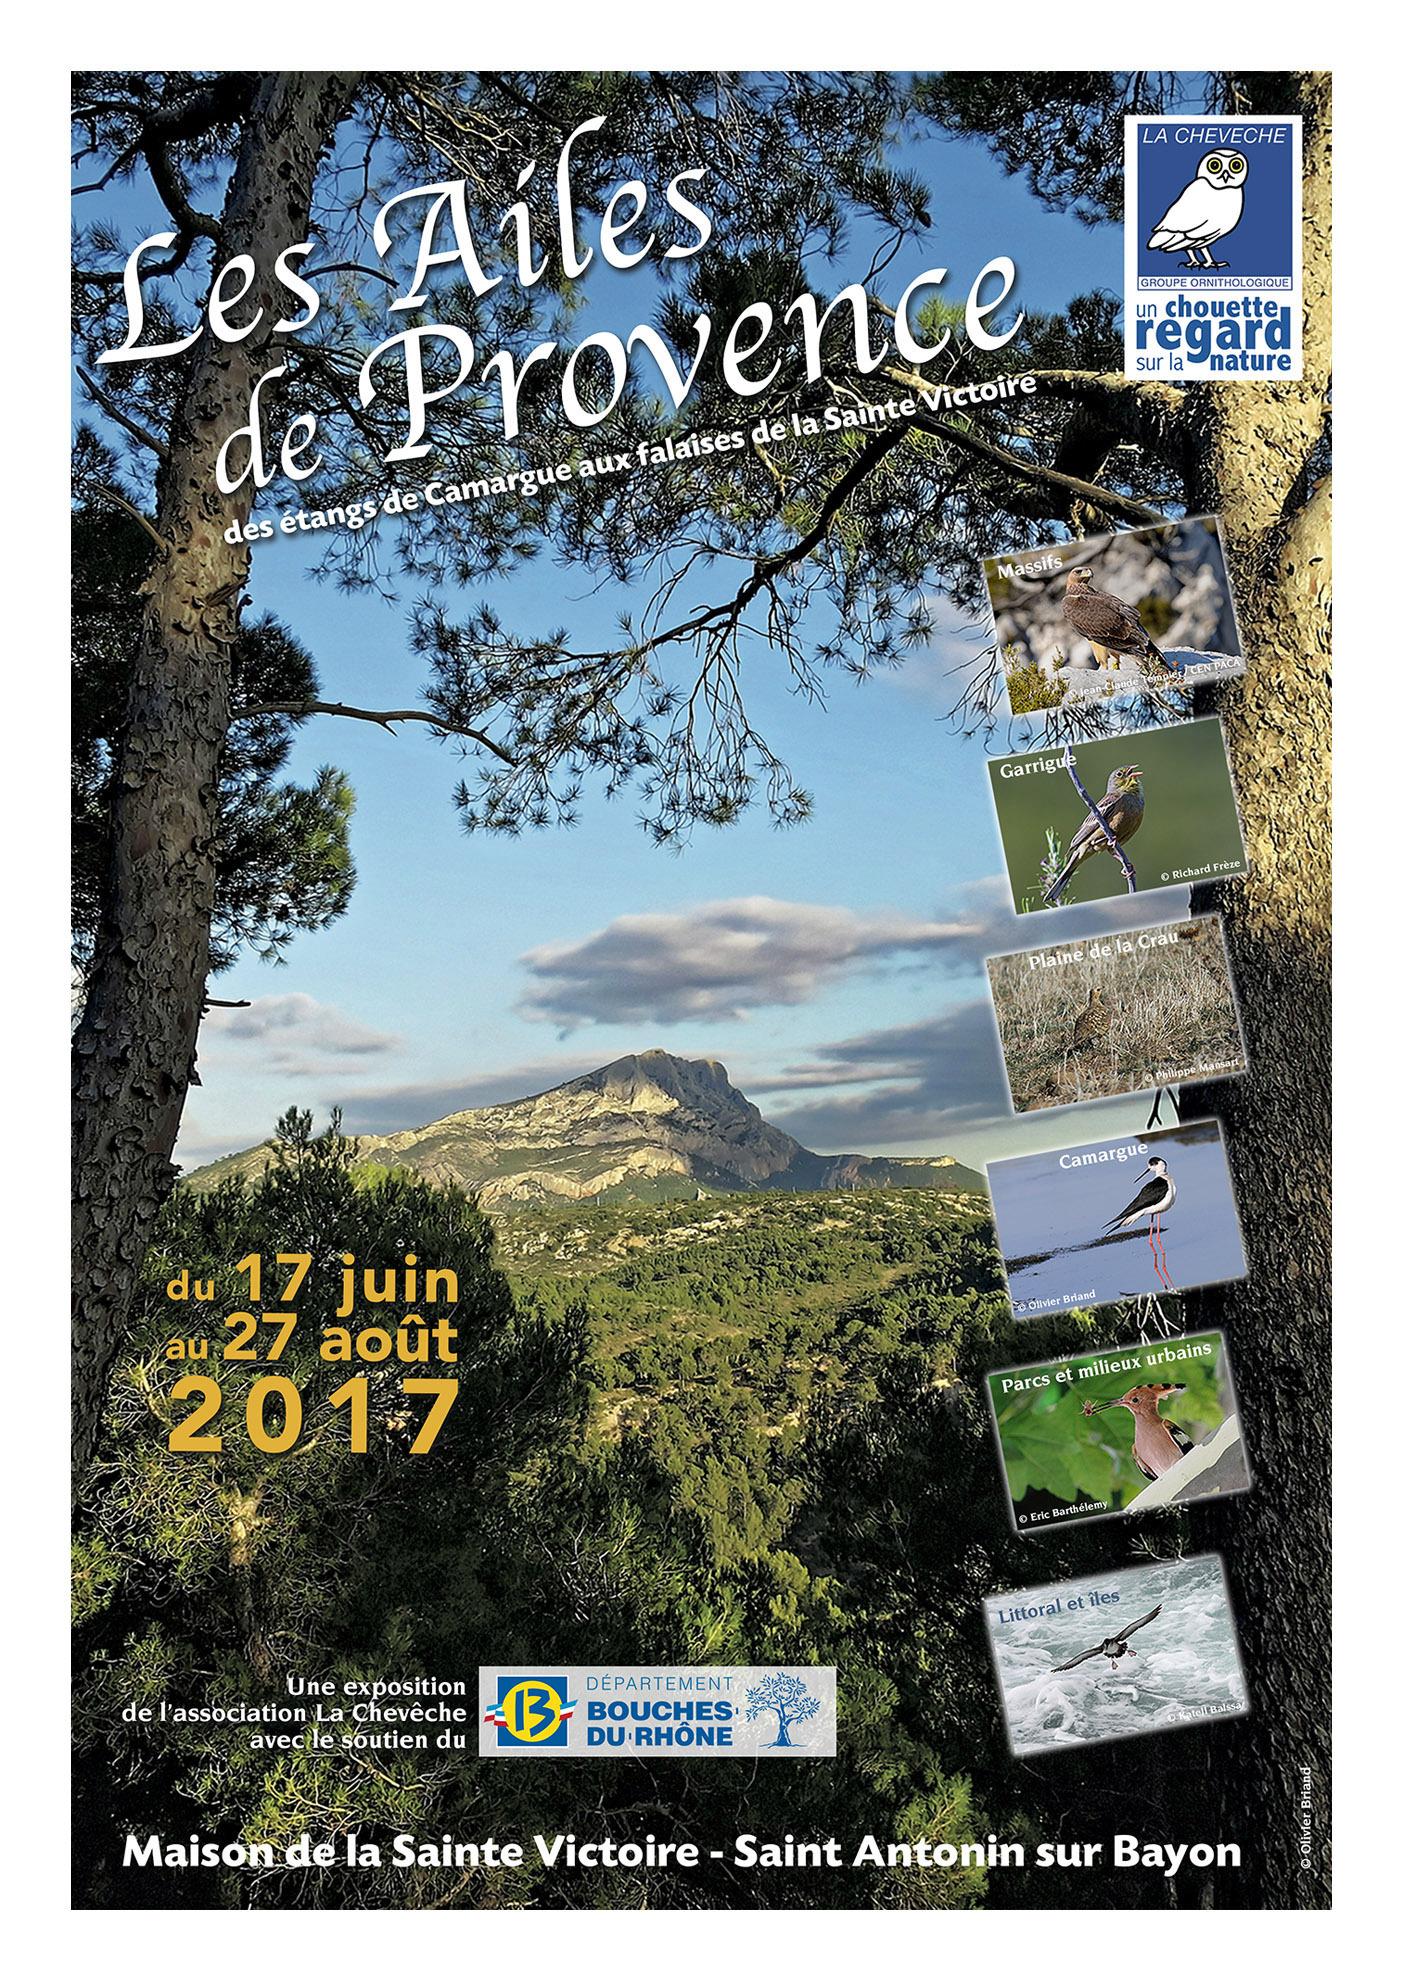 Affiche de l'Exposition photos à la Maison de la Sainte Victoire